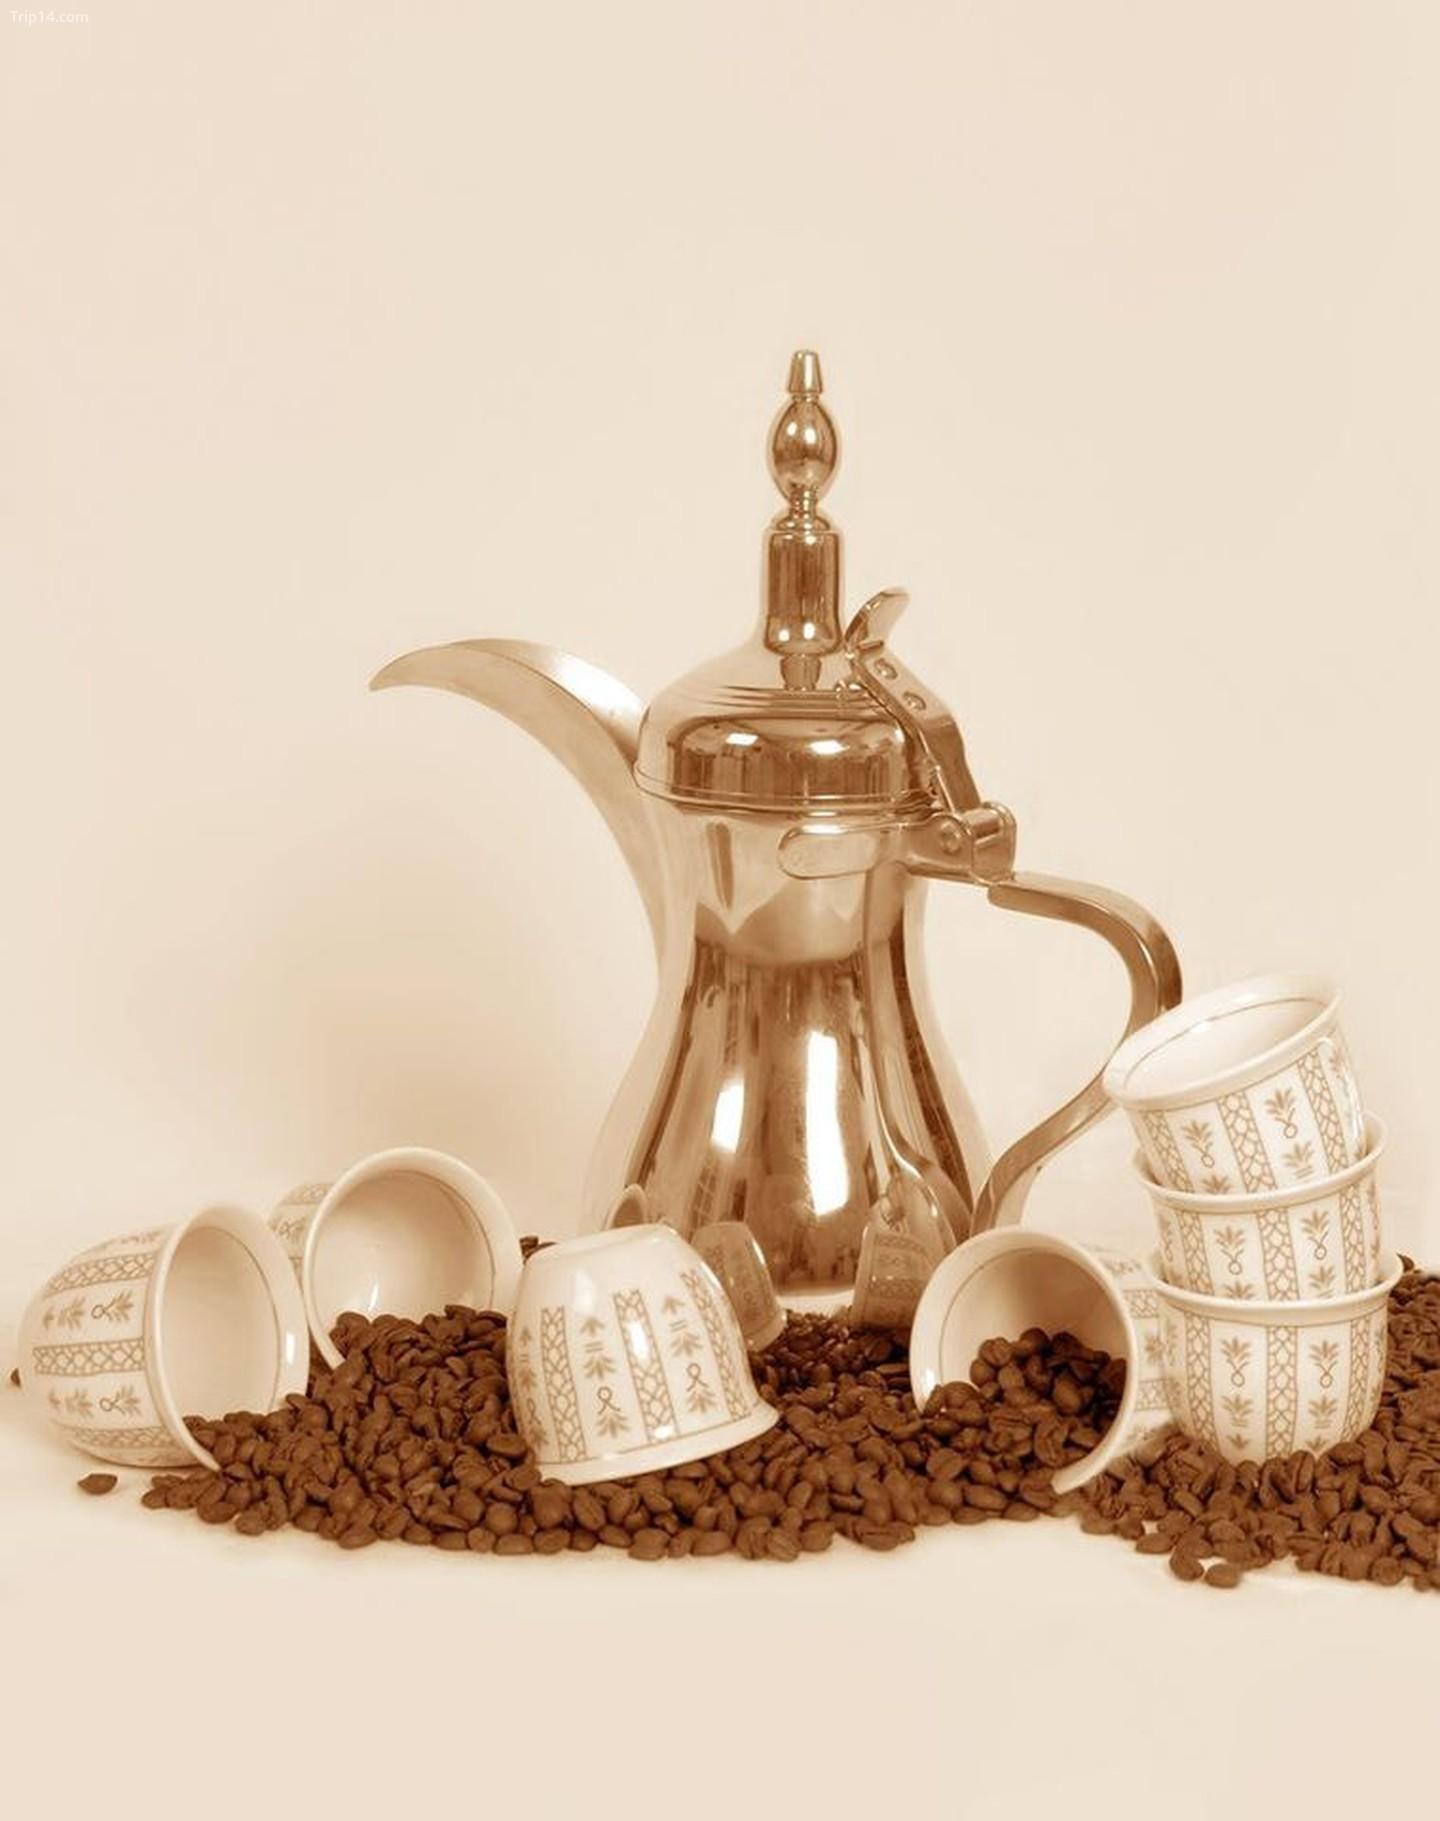 Bình cà phê Oman